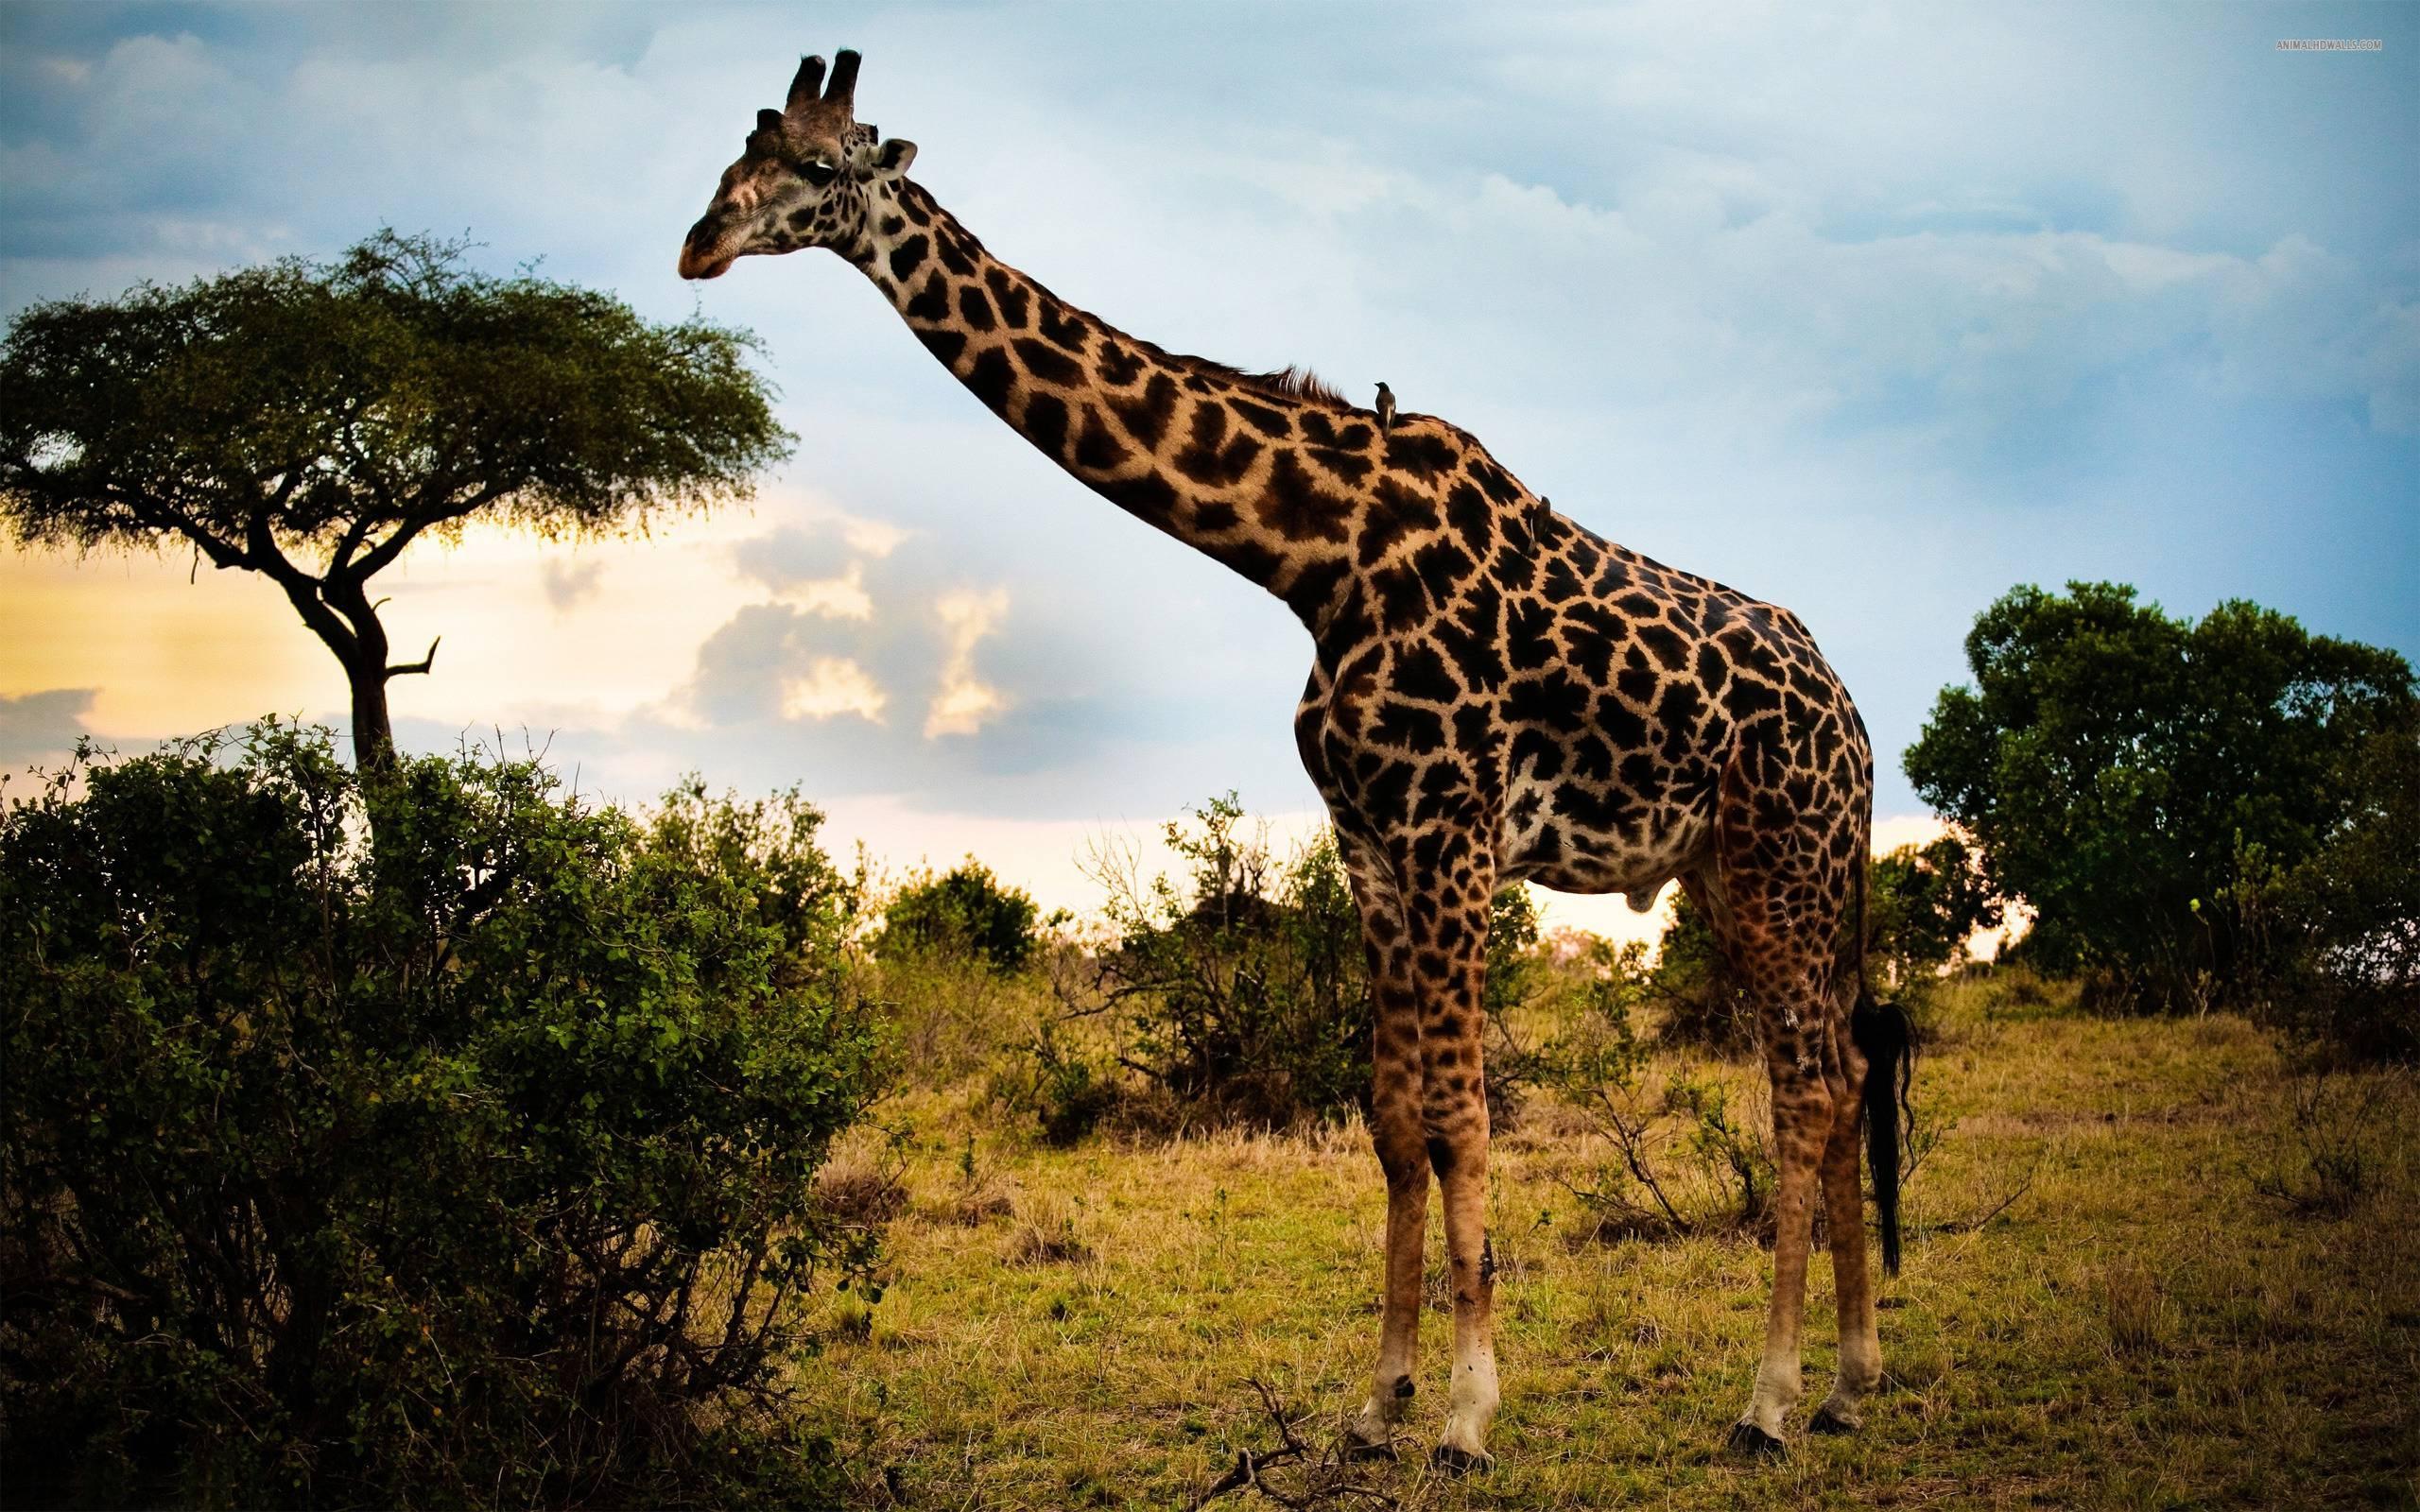 Giraffe Wallpapers - Wallpaper Cave